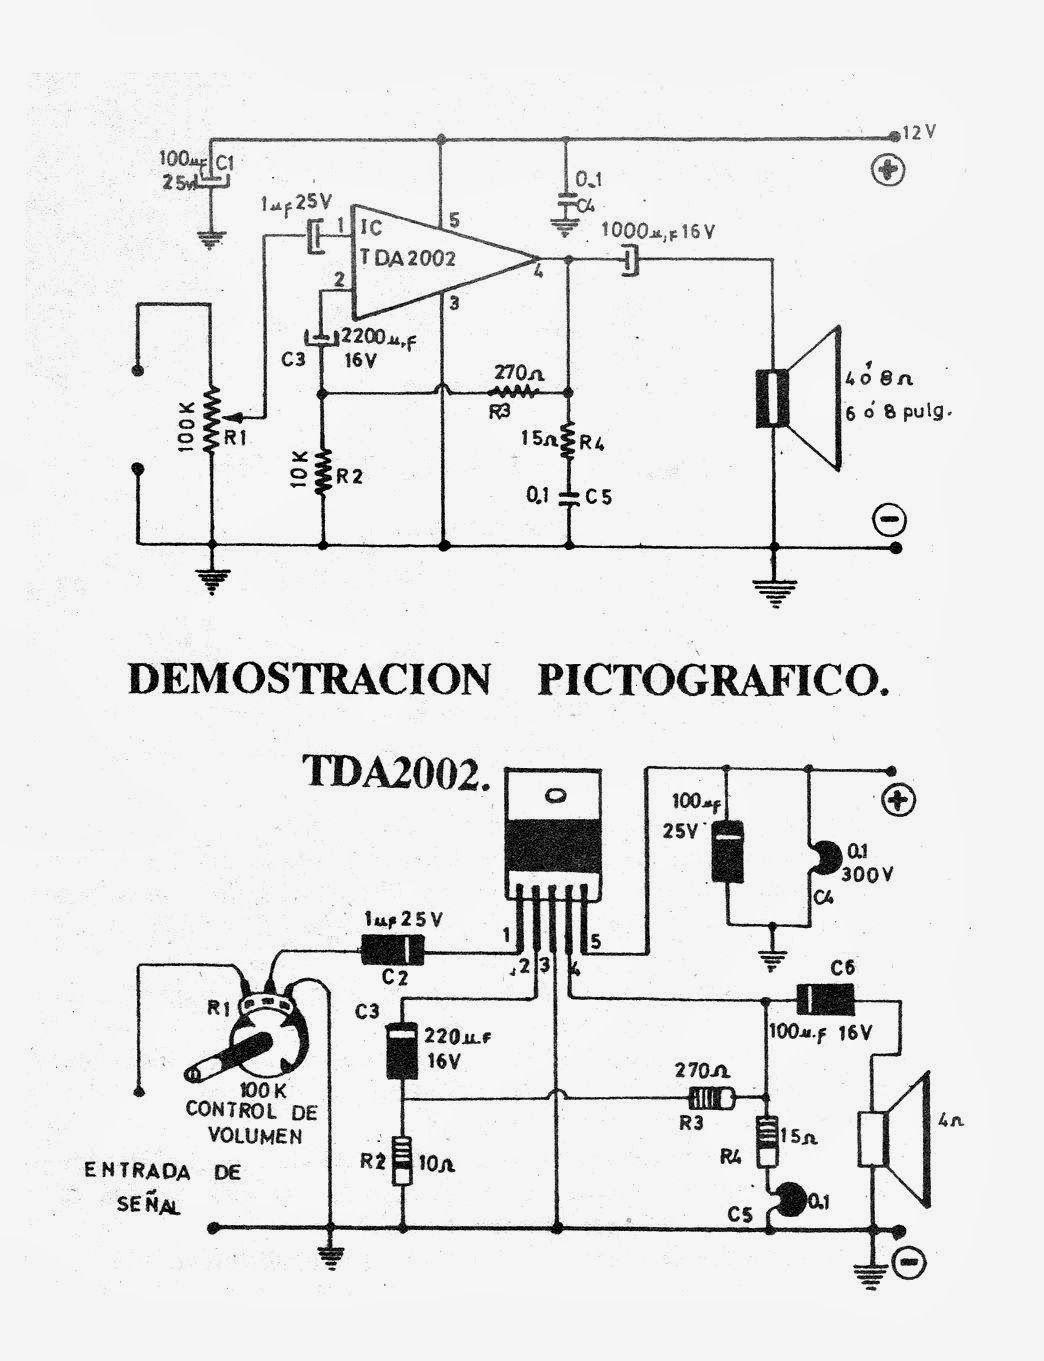 Circuito amplificador con integrado TDA2002 El circuito presentado ...